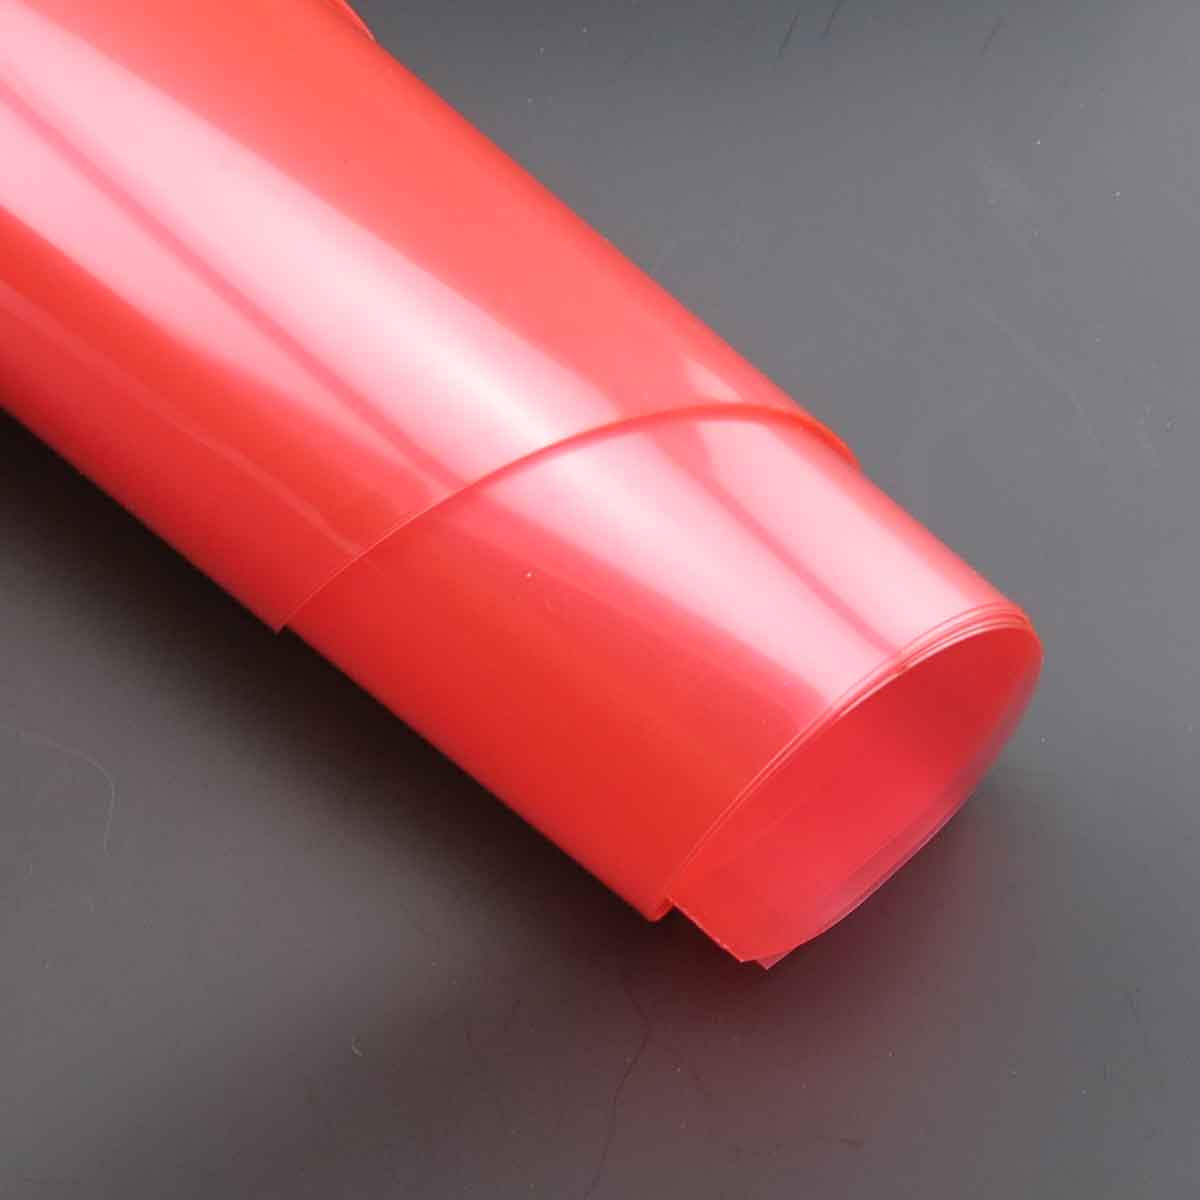 Прозрачный ПП-пластик материал ручной работы пленка DIY пластиковая бумага тонкий пластиковый лист прозрачный красный